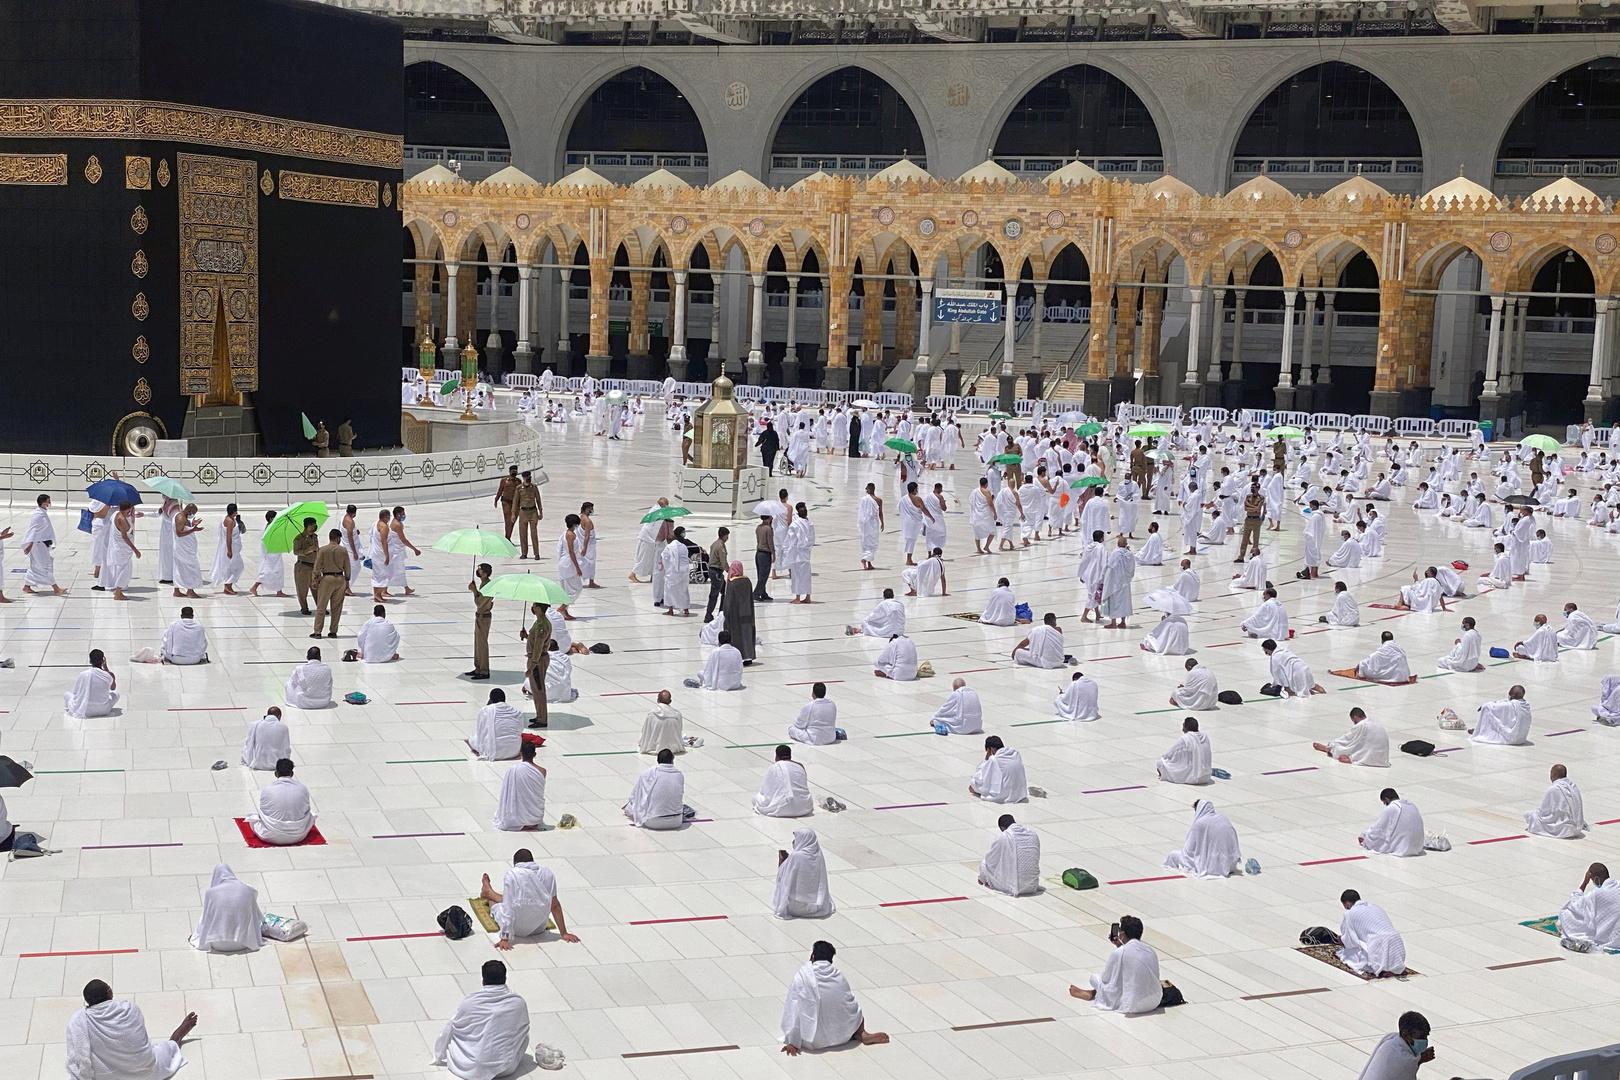 مصلون أمام الكعبة في الحرم المكي يؤدون صلاة الجمعة خلال شهر رمضان يوم 16 أبريل.